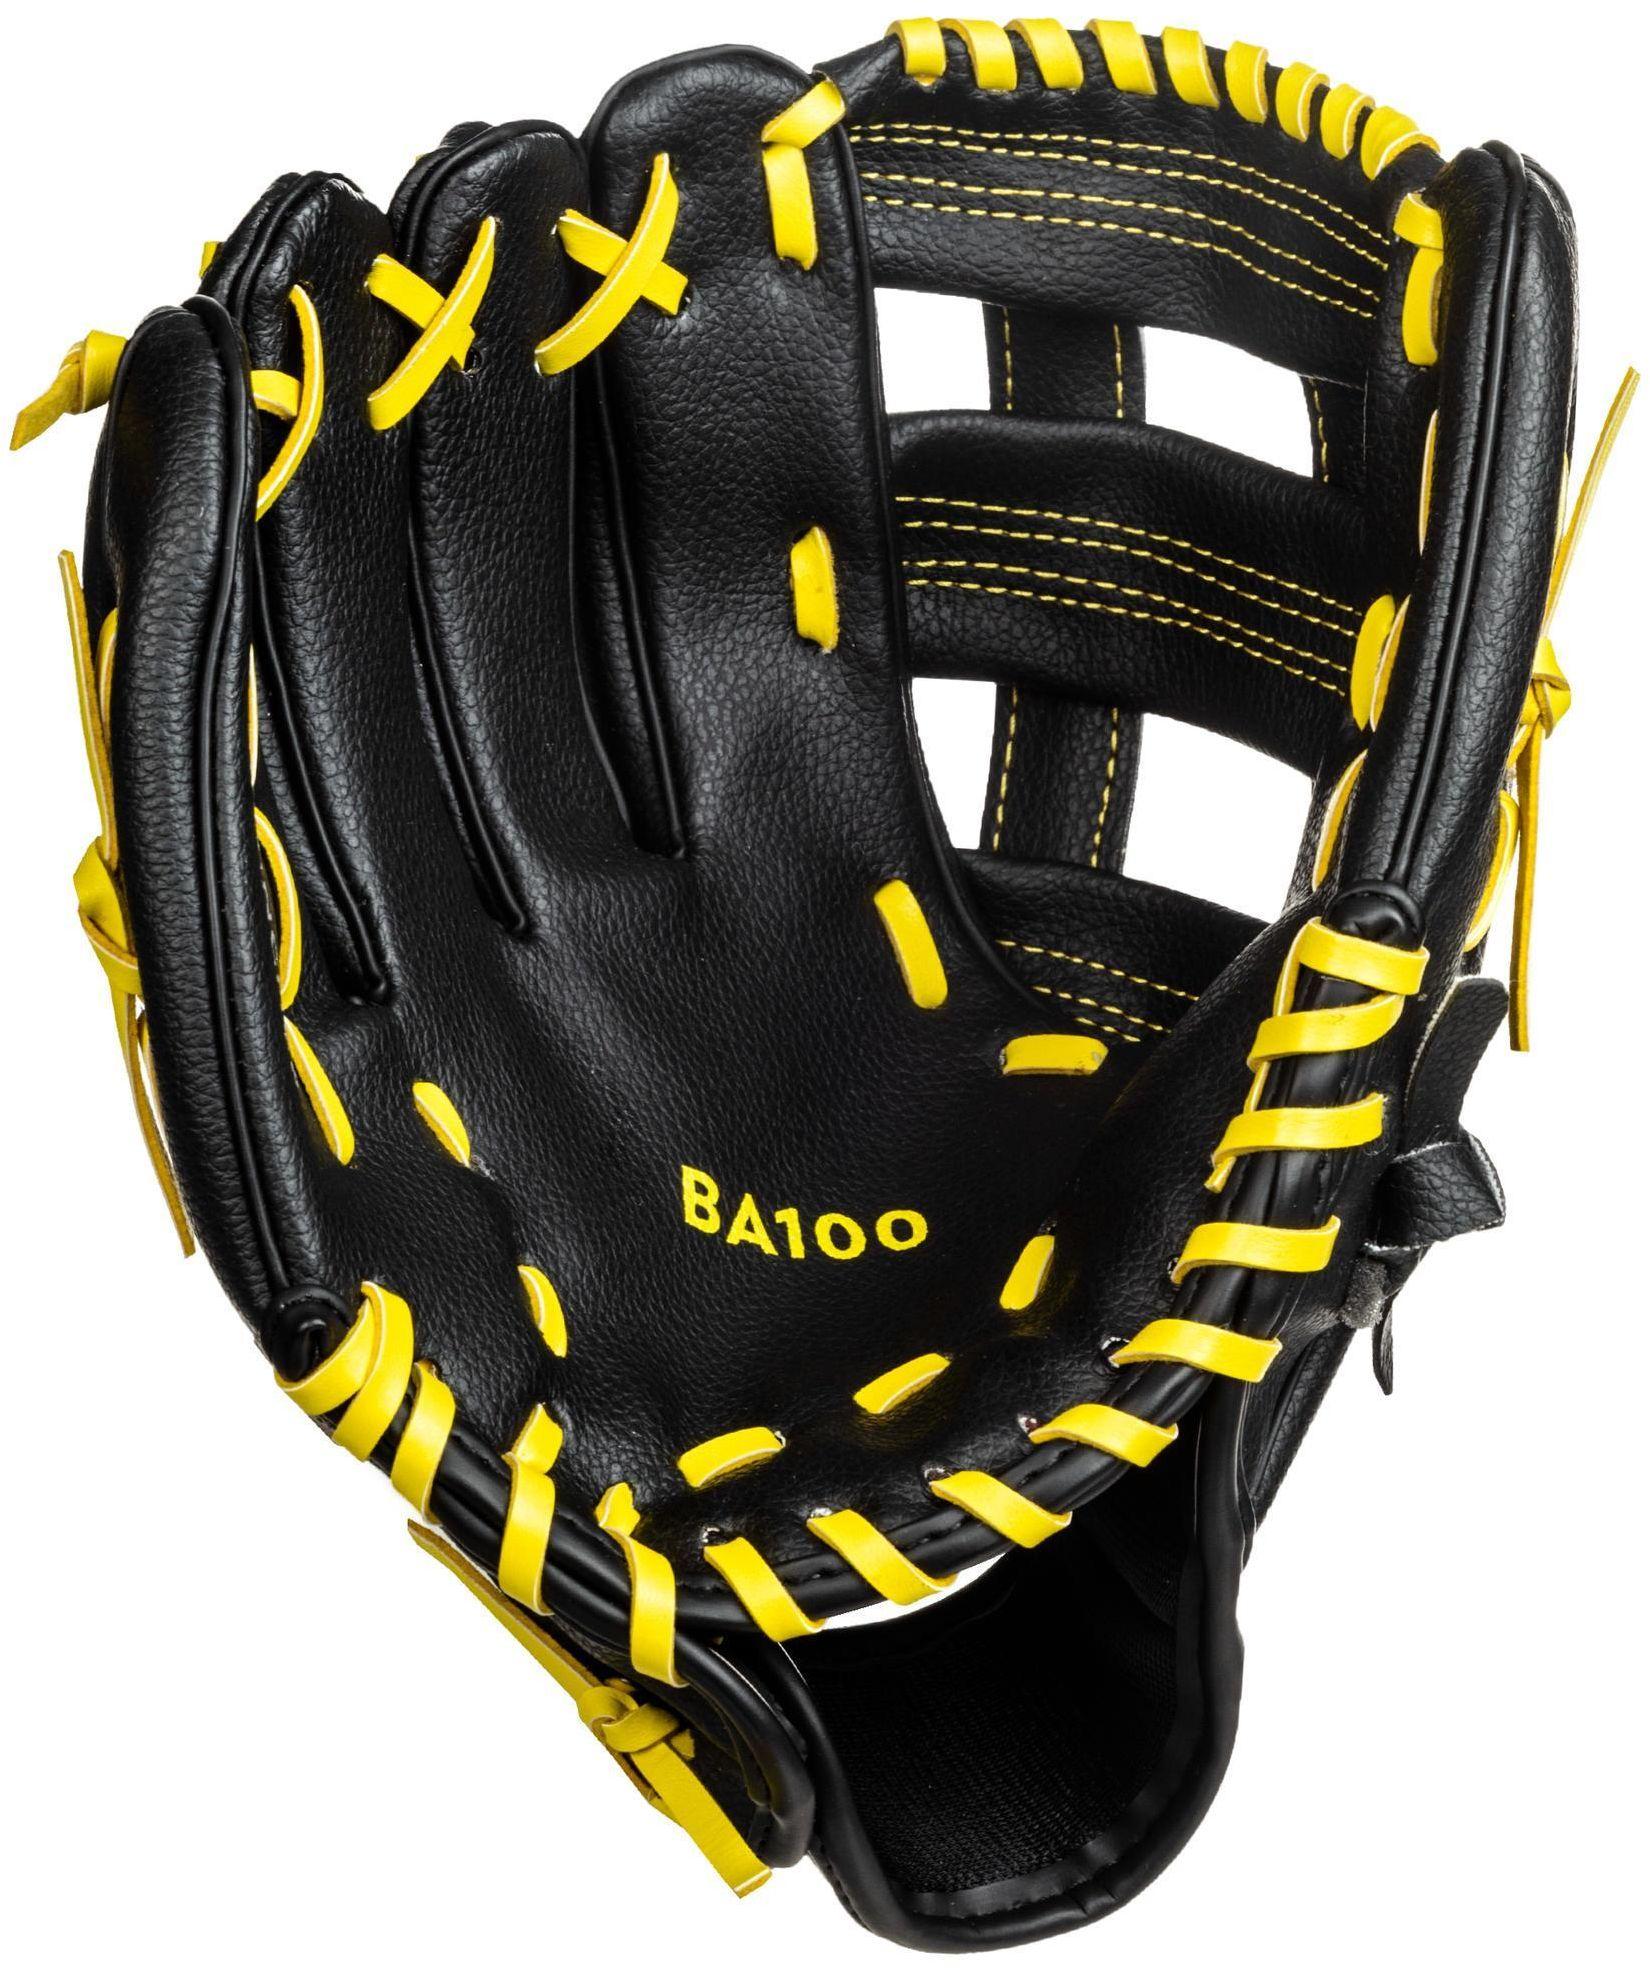 Rękawica do baseballa BA150 prawa